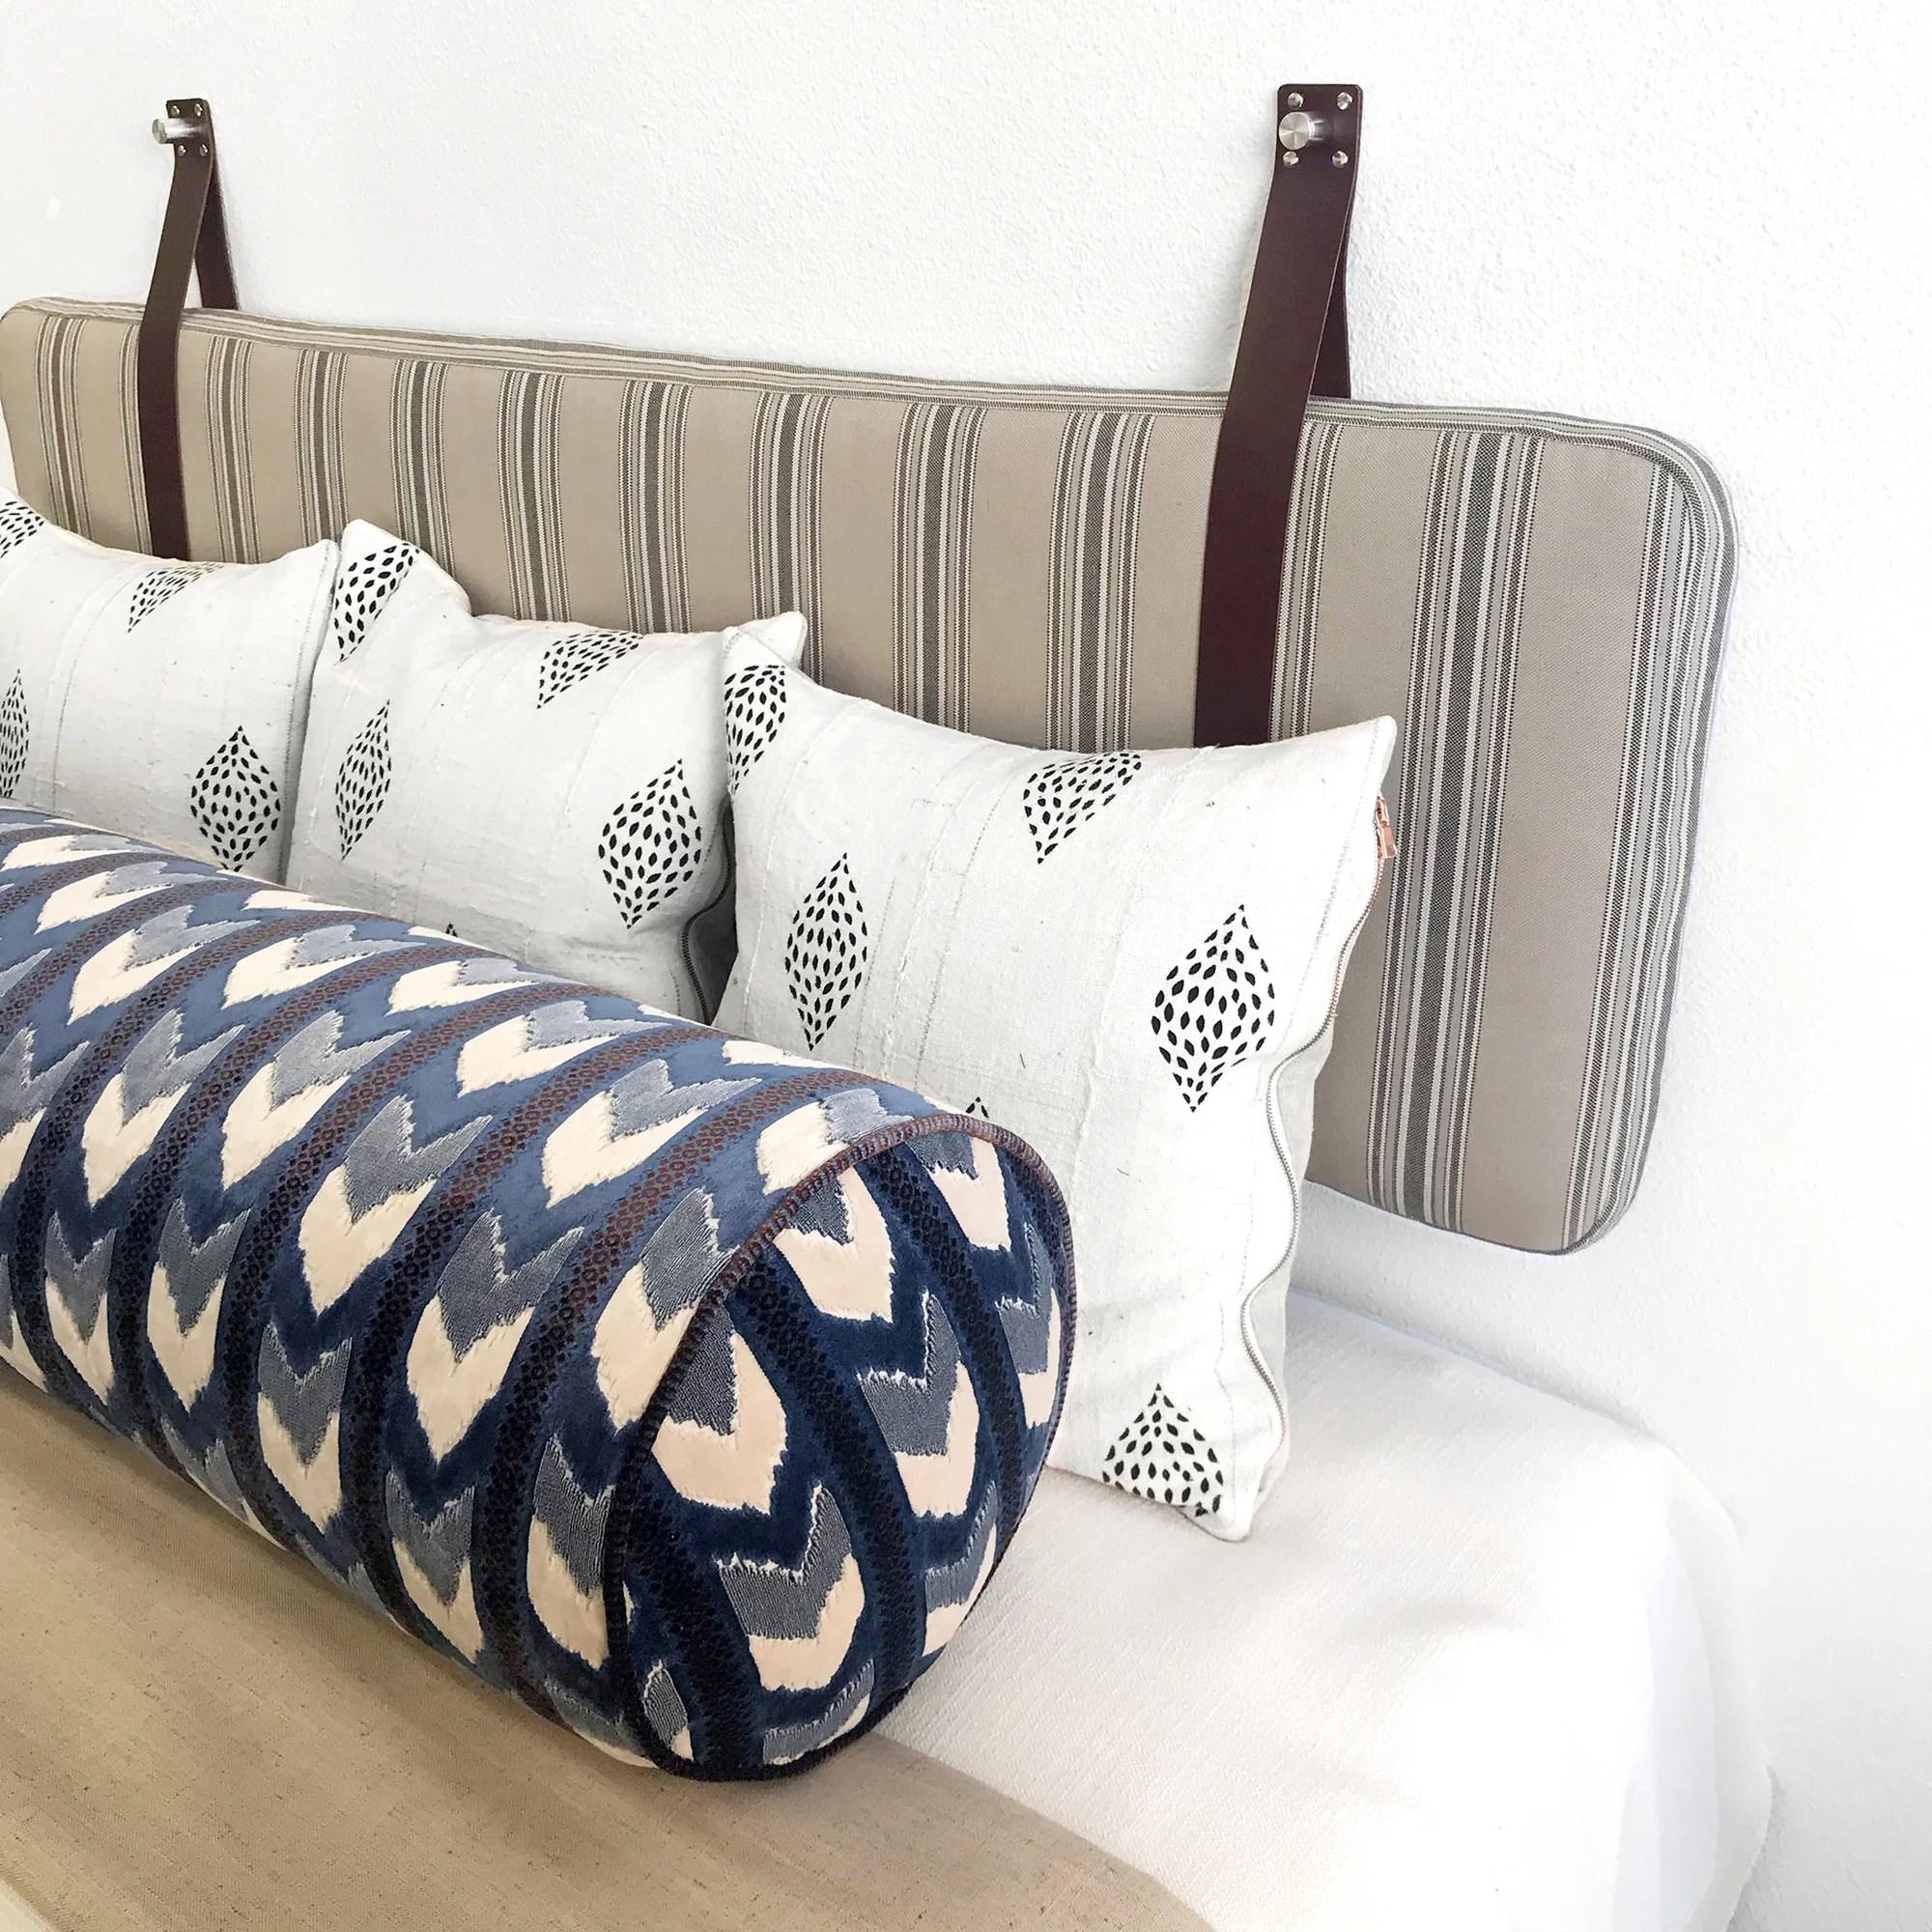 bolster pillows norwegian wood